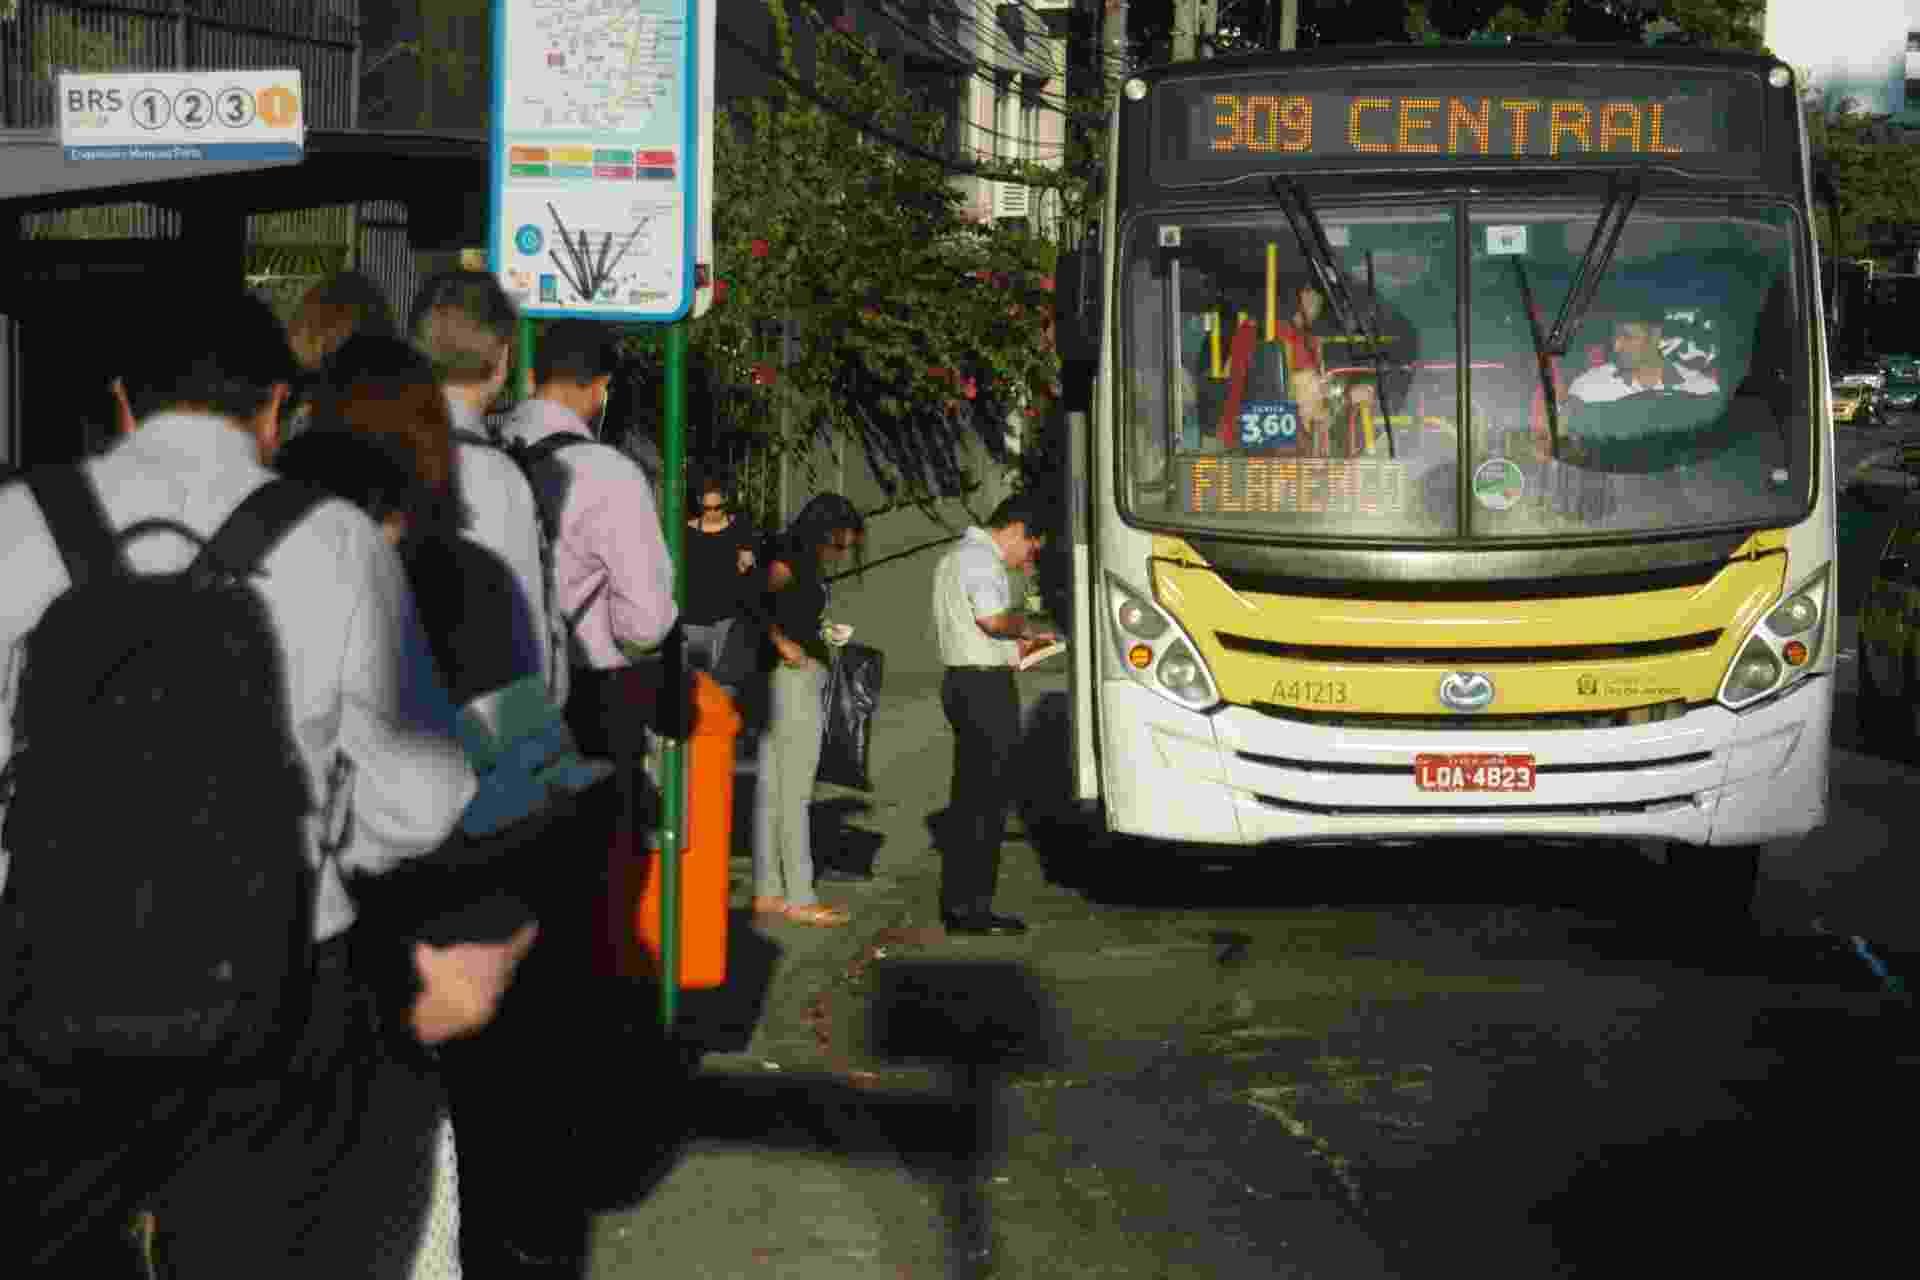 Usuários do transporte coletivo no Rio de Janeiro, nesta segunda (28), sofrem dificuldades para chegar ao trabalho. A frota de ônibus foi reduzida em 40% na cidade, por conta de falta de combustível, gerada pela greve dos caminhoneiros - Alessandro Buzas/Futura Press/Estadão Conteúdo